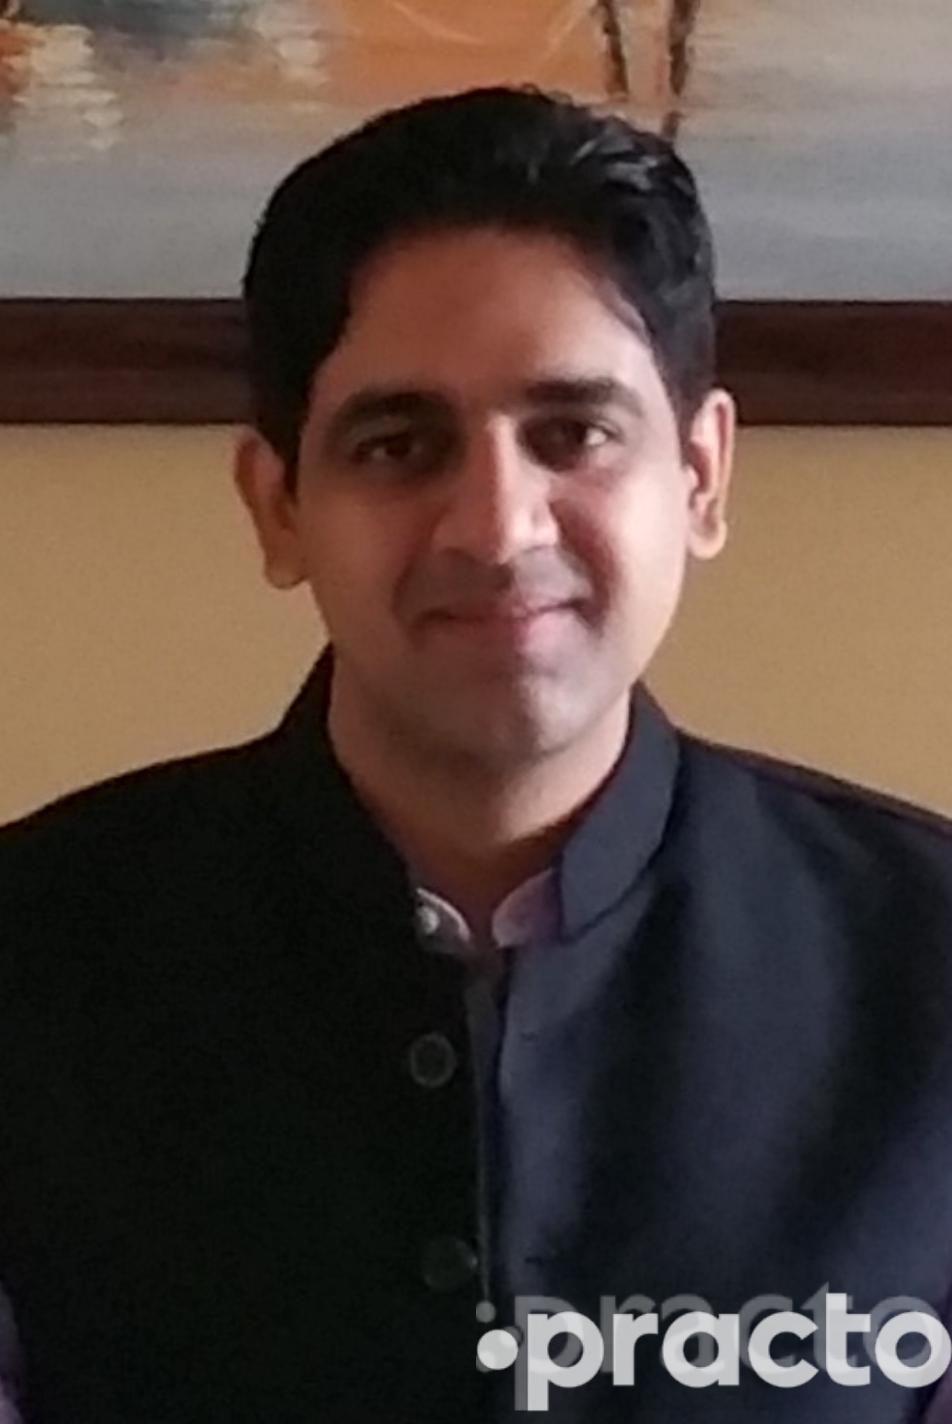 Dr. Aditya Patney - Dentist